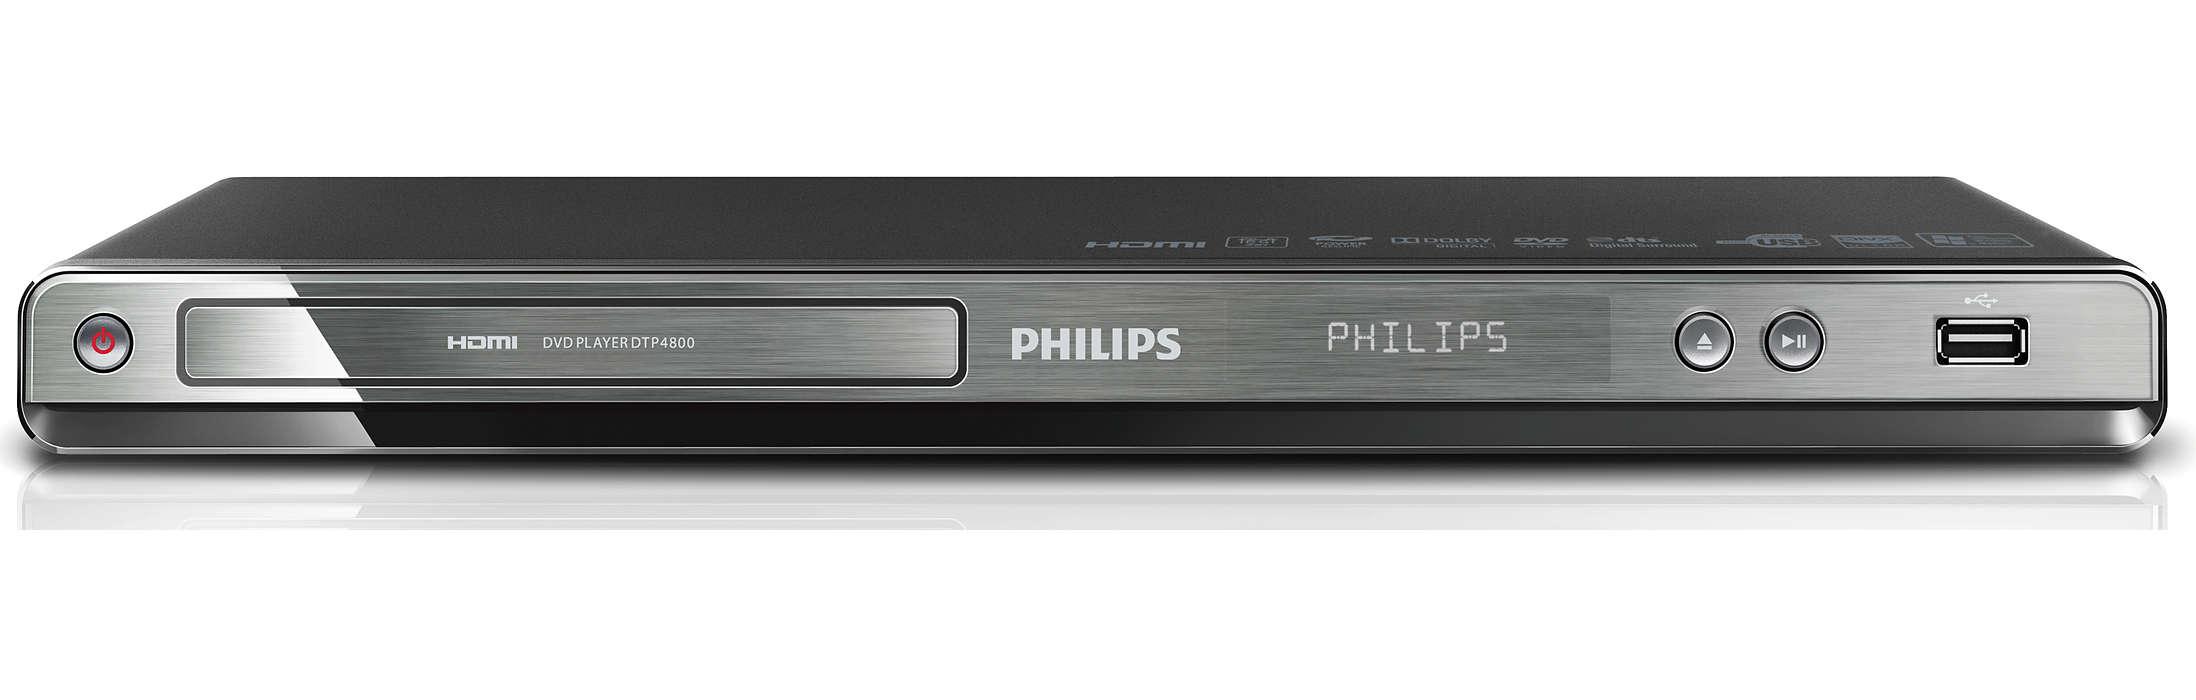 Televisor digital y reproductor DVD todo en uno